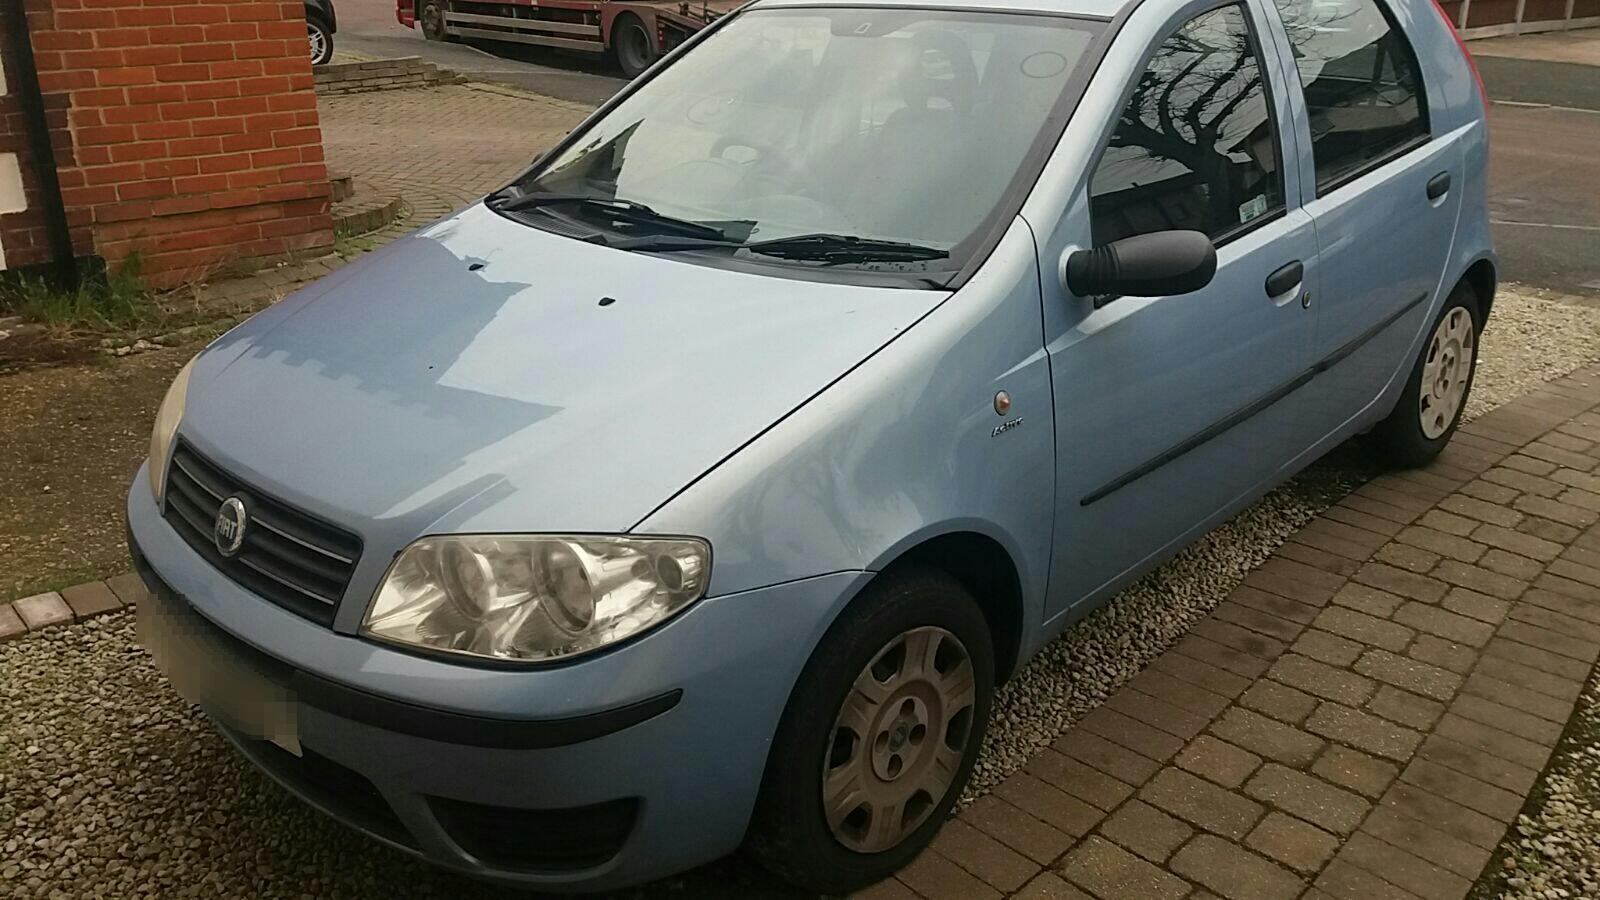 Fiat Punto 2003 To 2006 5 Door Hatchback